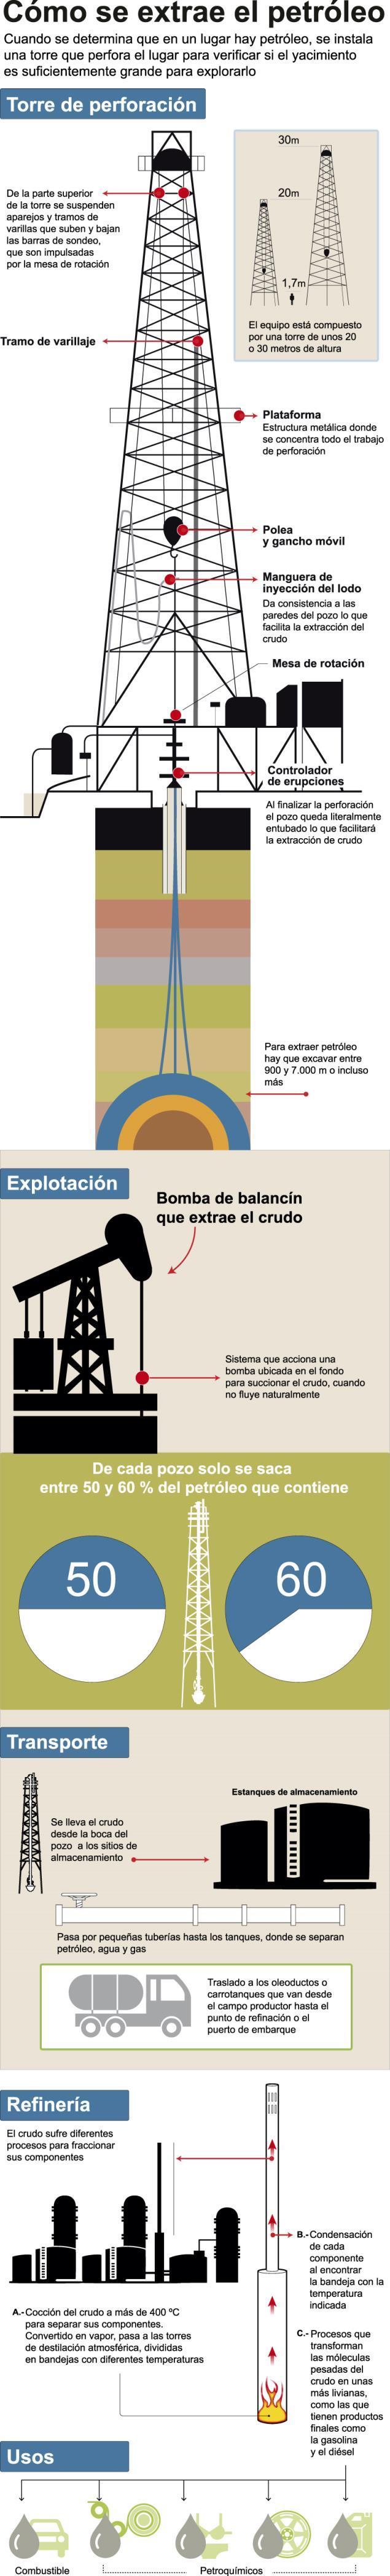 Así se extrae y procesa el petróleo